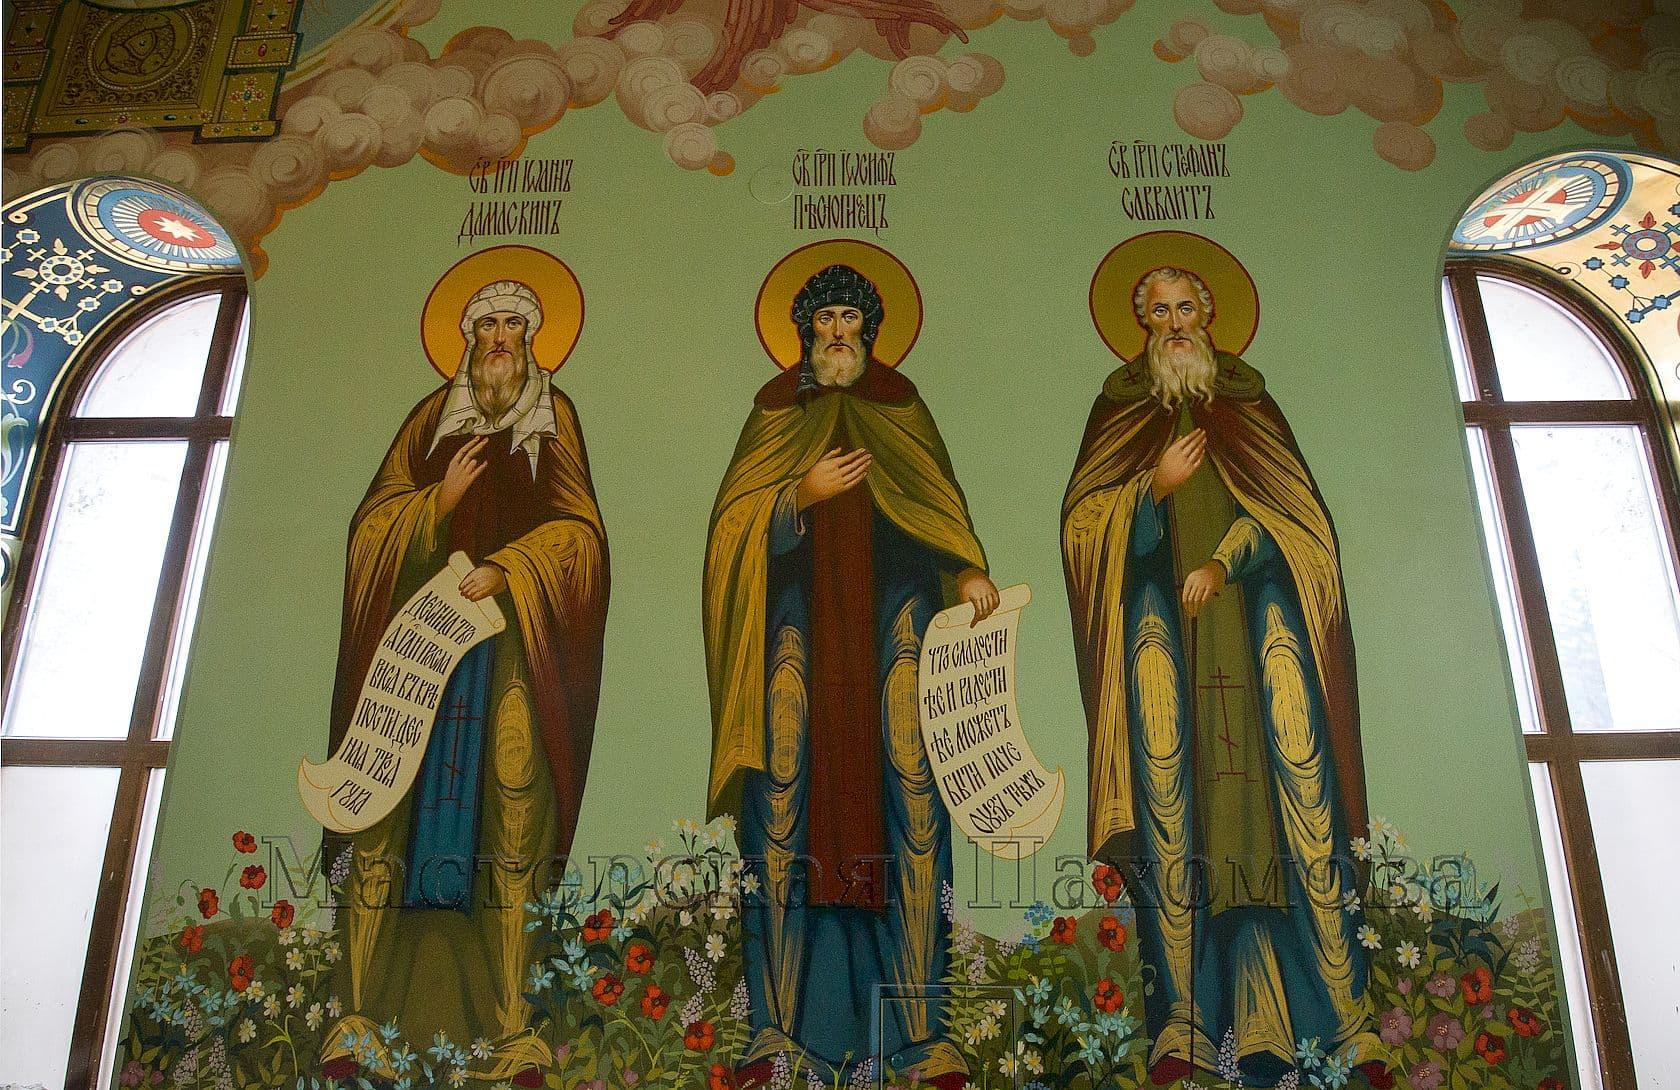 Западная часть храма. Изображение святых на стенах Храма